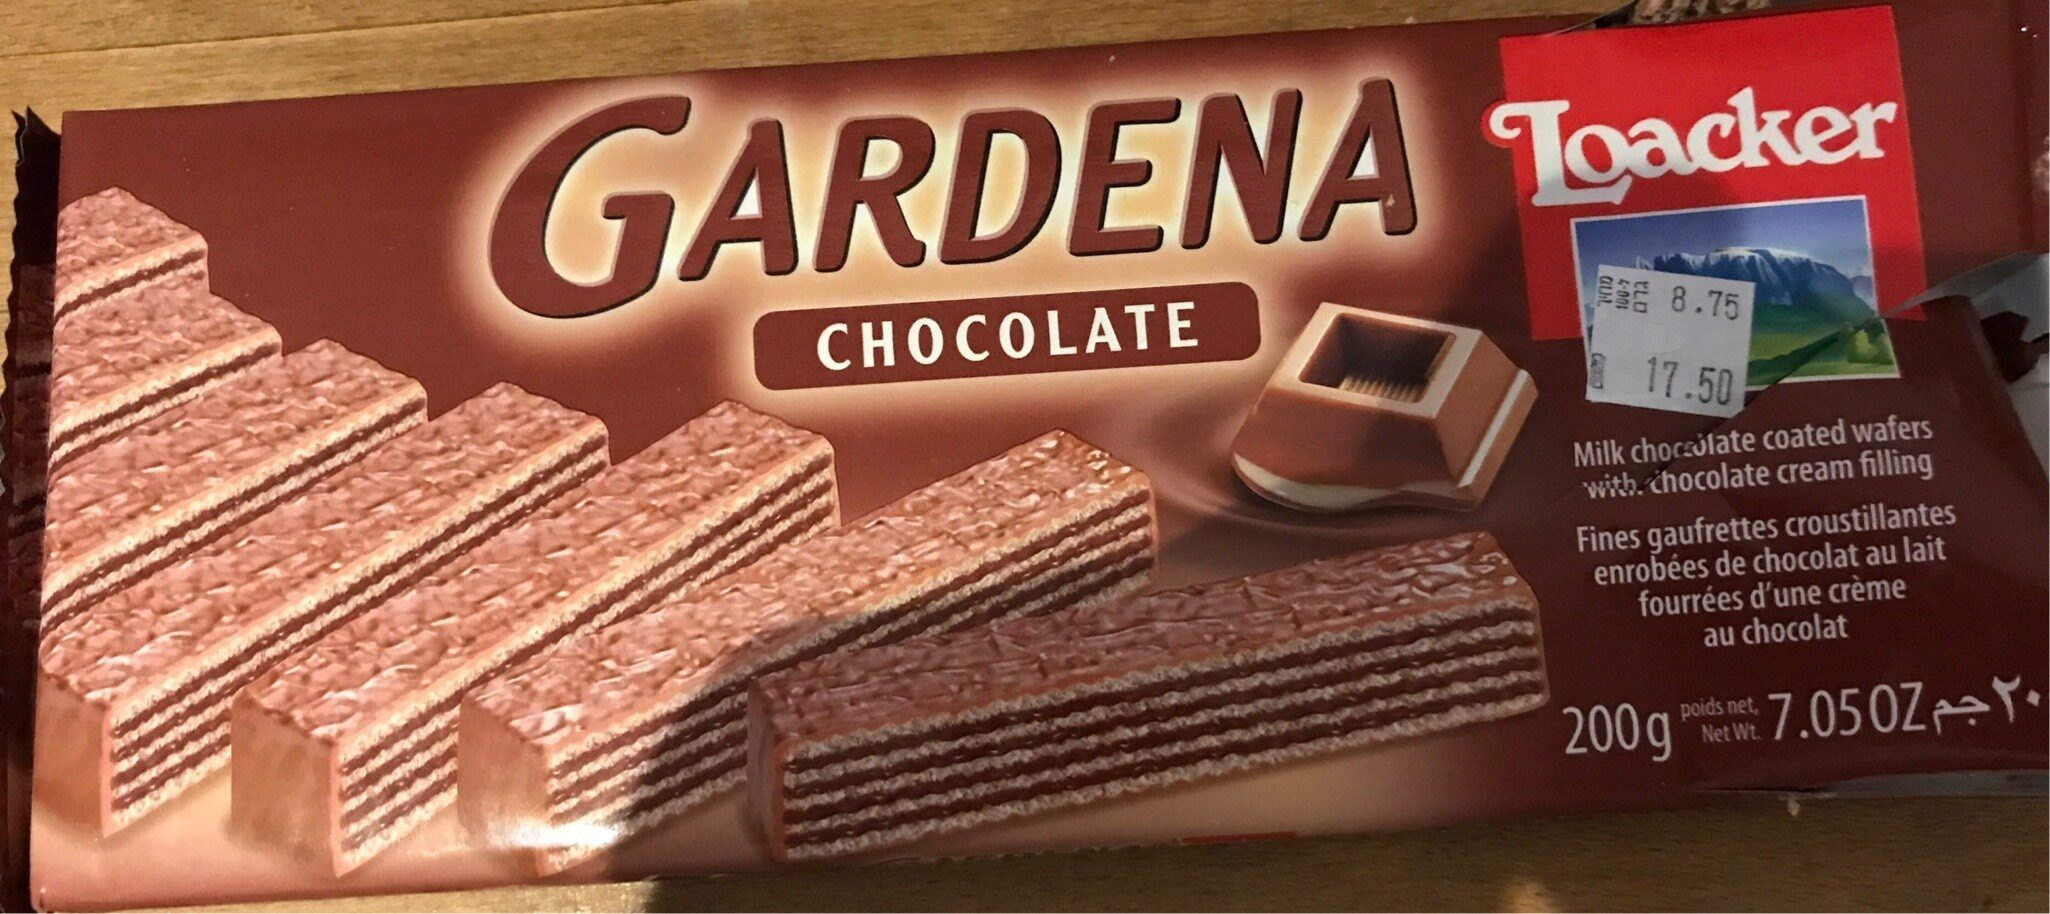 Loacker Gardena Chocolate Wafers - Produit - fr